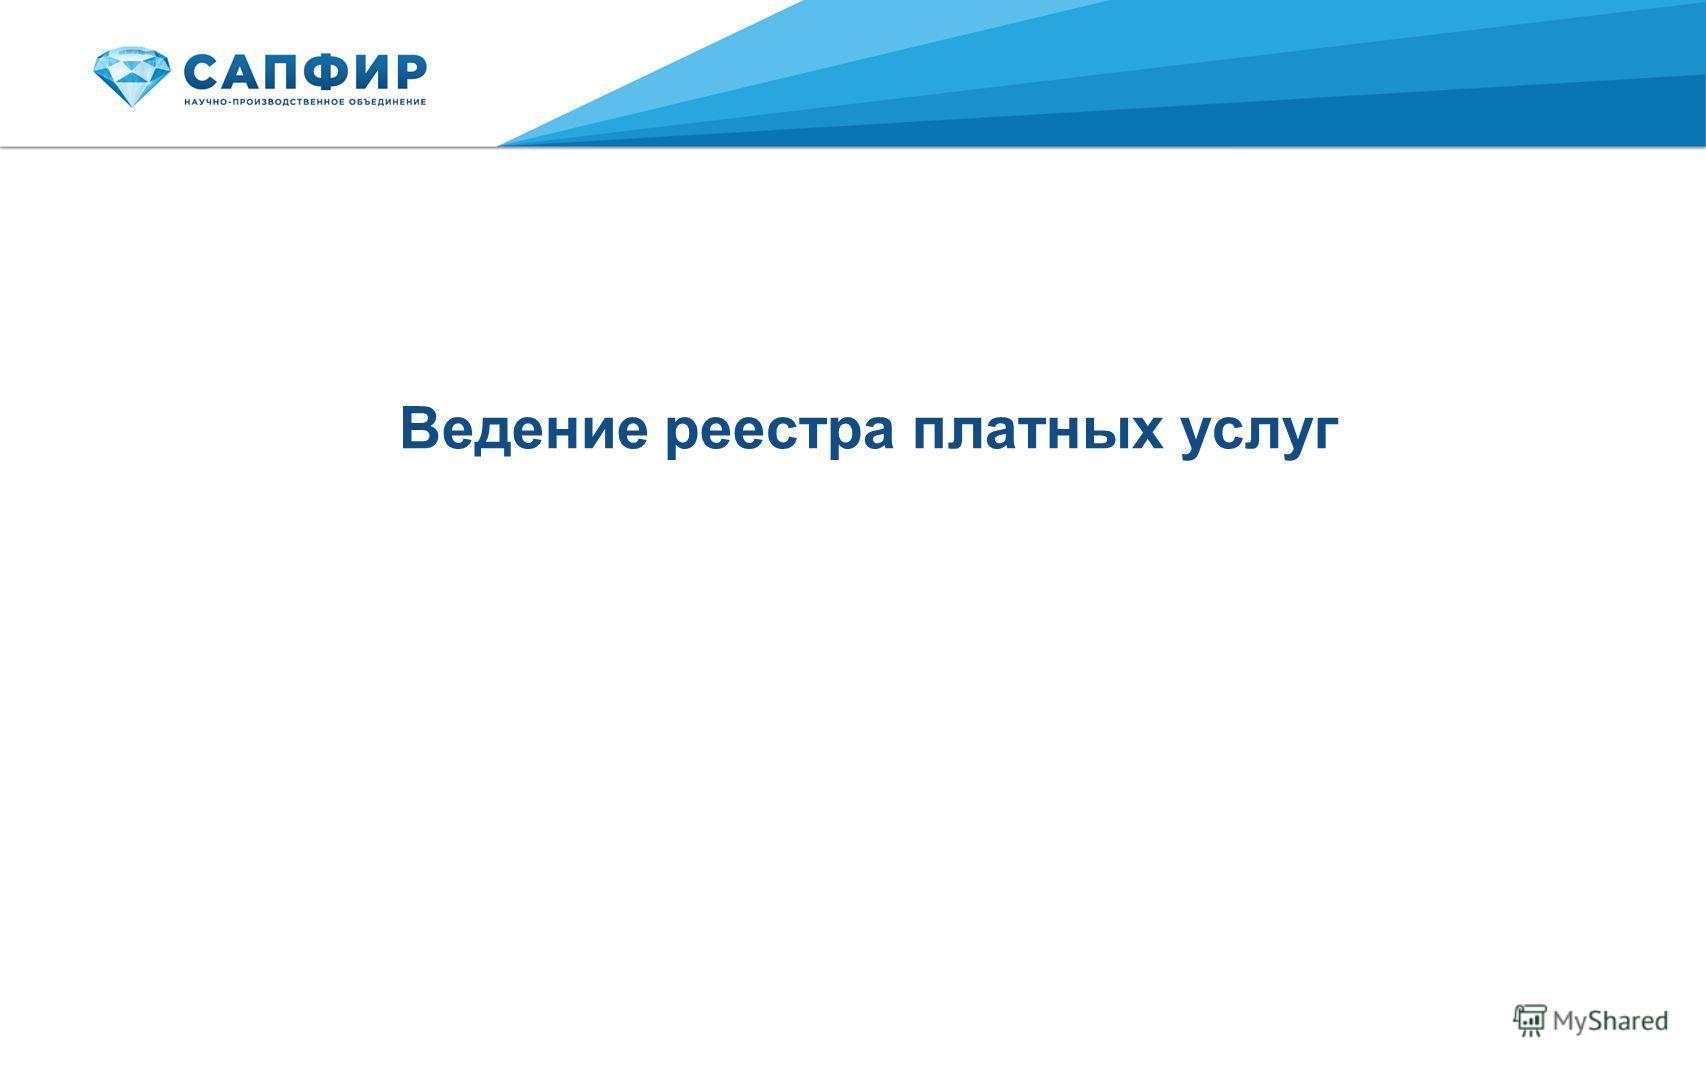 Ведение реестра платных услуг